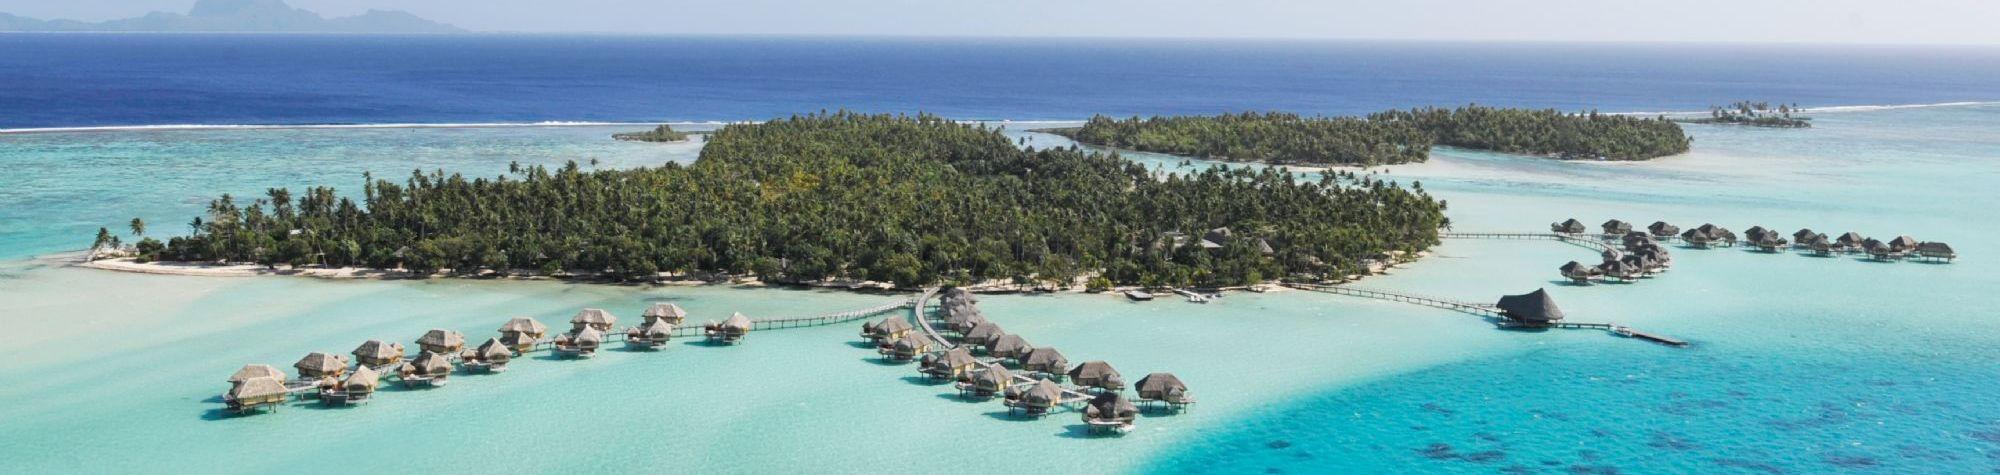 Le Taha'a Private Island & Spa